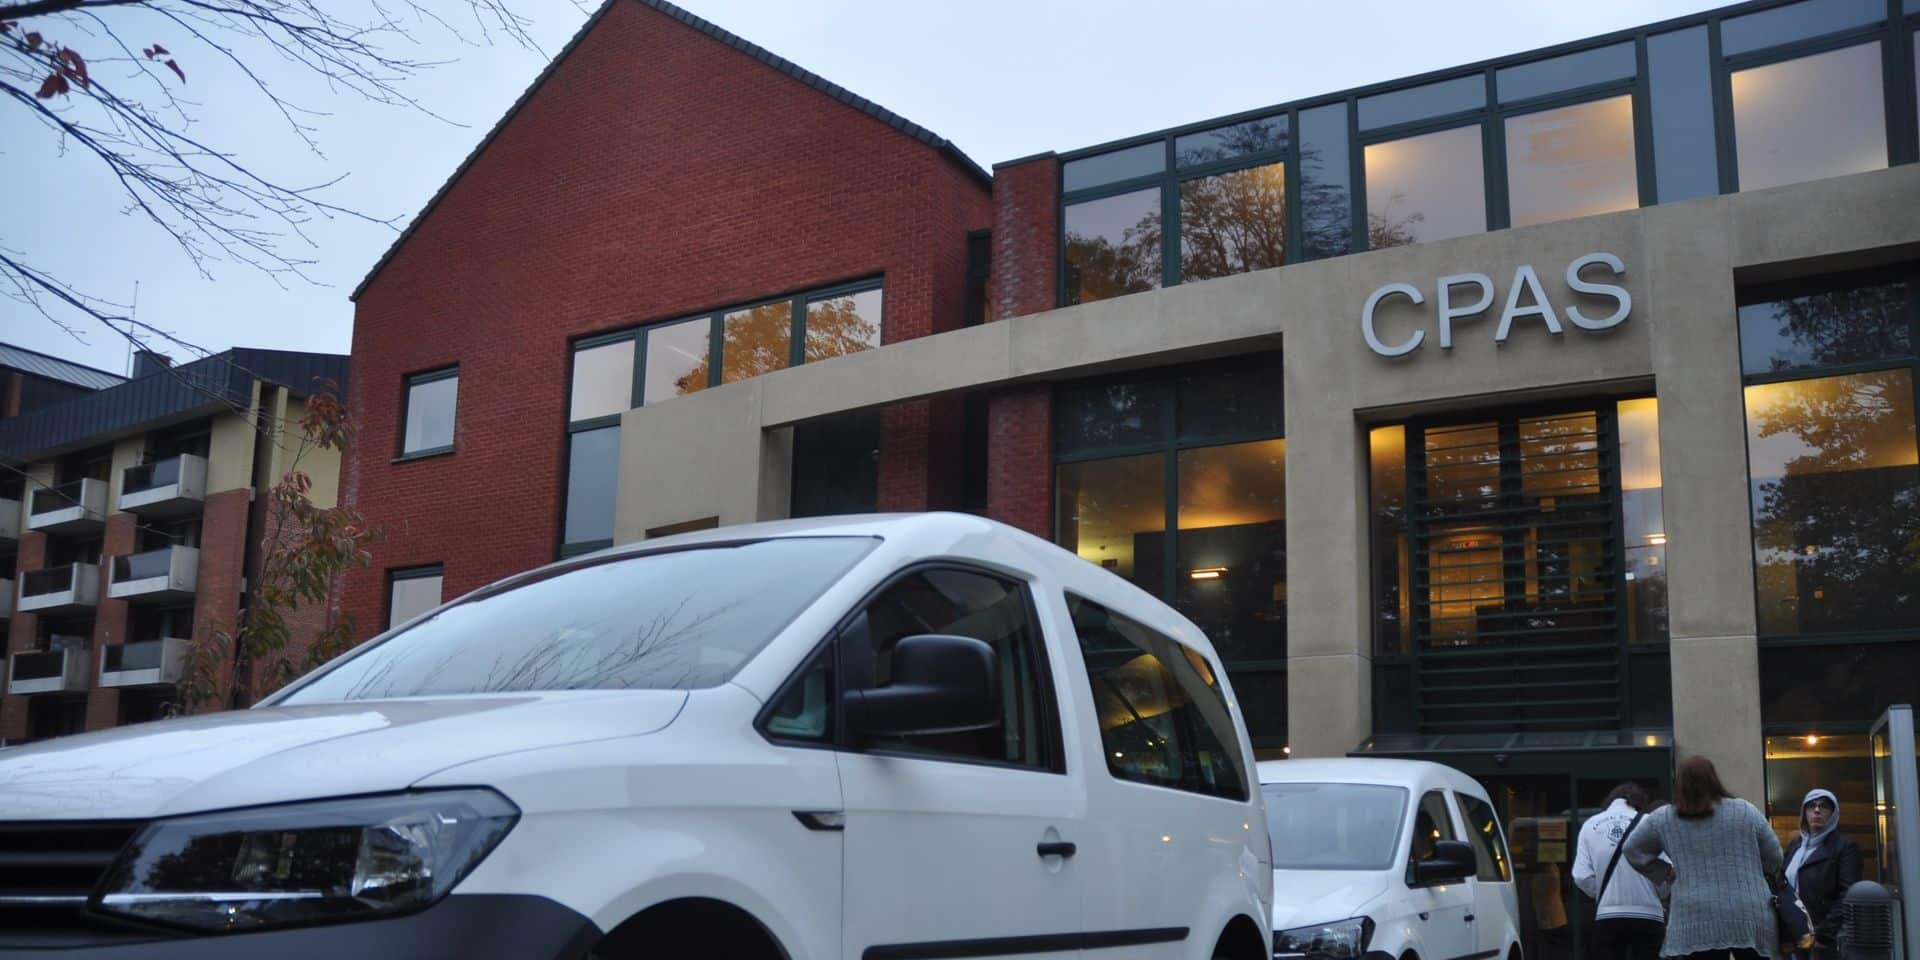 Plus de demandes d'aide au CPAS de Nivelles, y compris psychologique